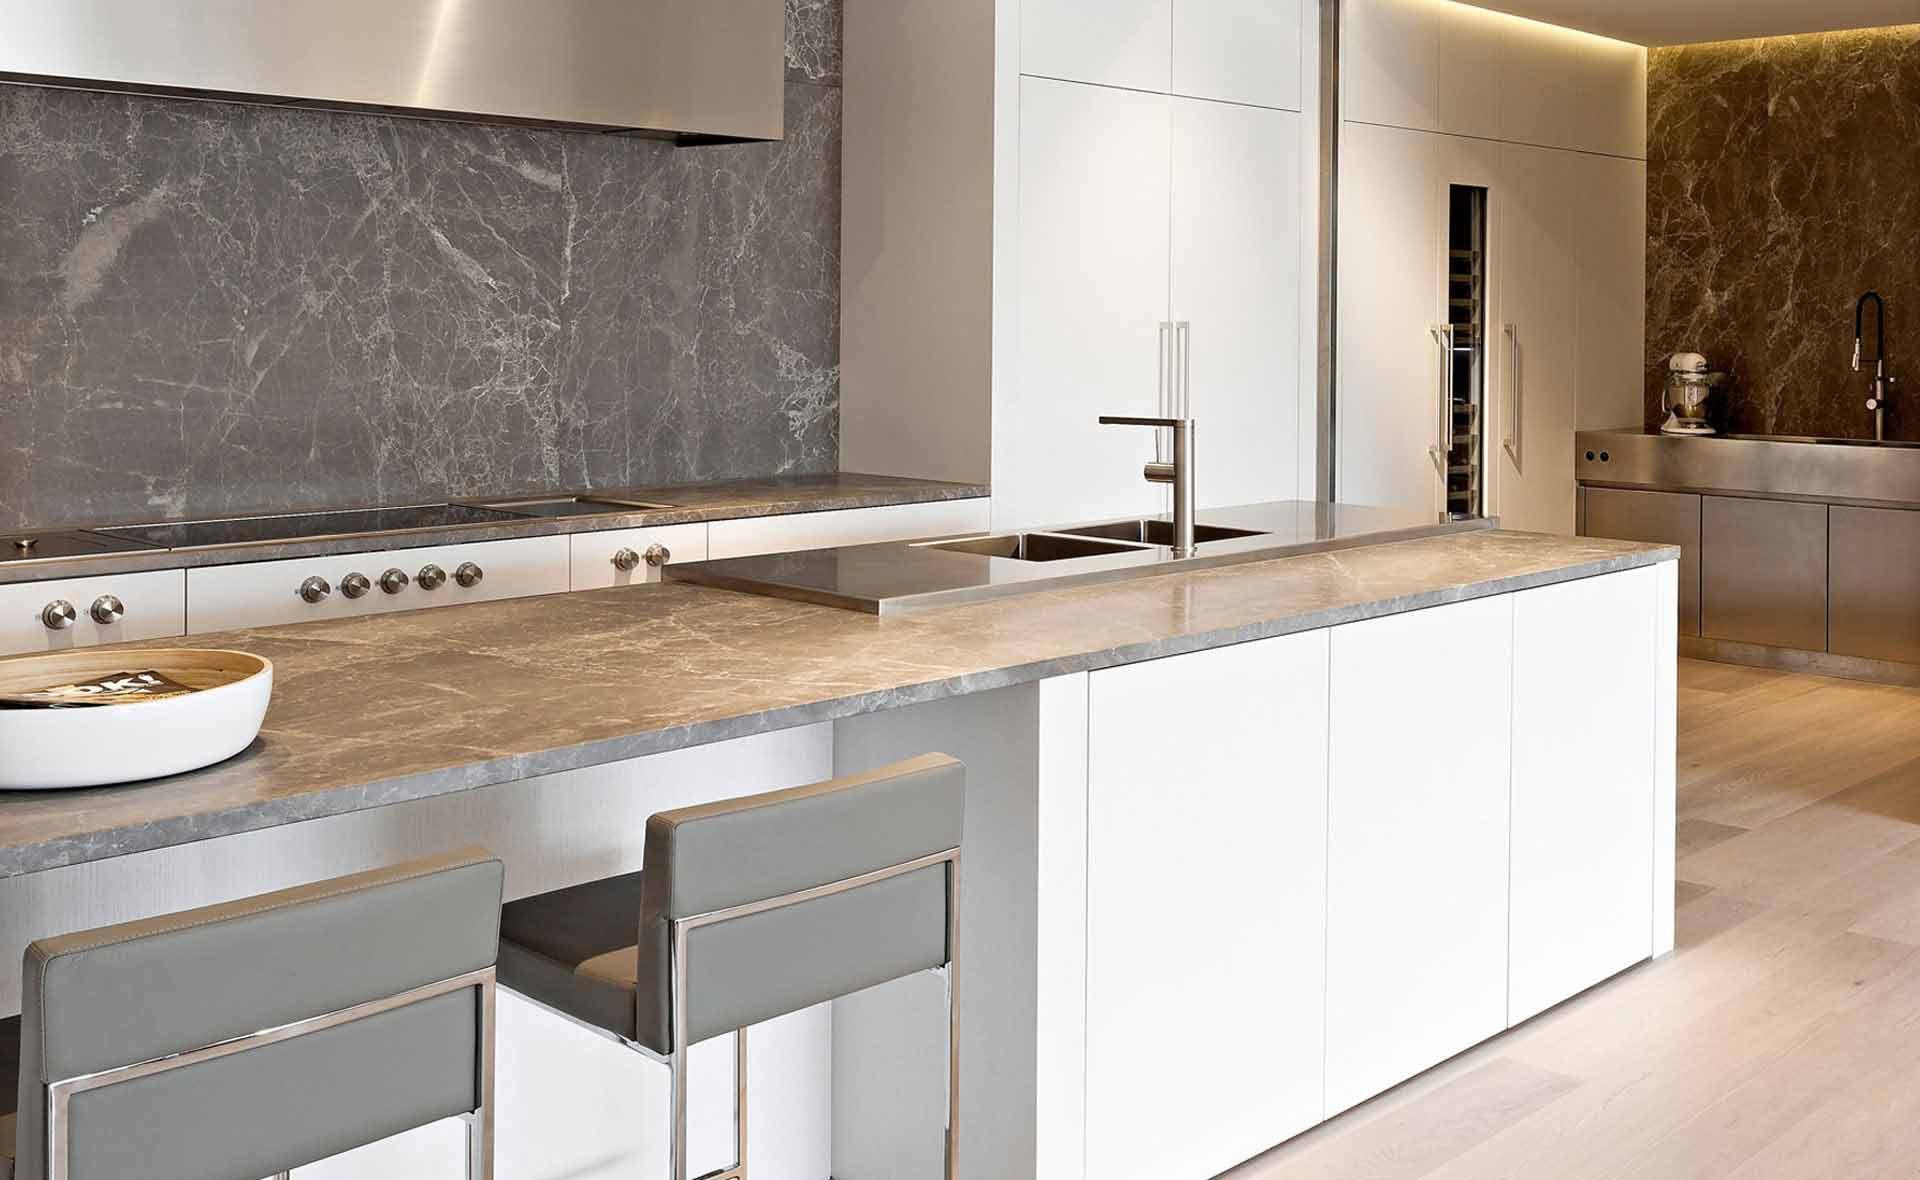 Dekeyzer-hedendaagse-keuken-interieur-2.jpg